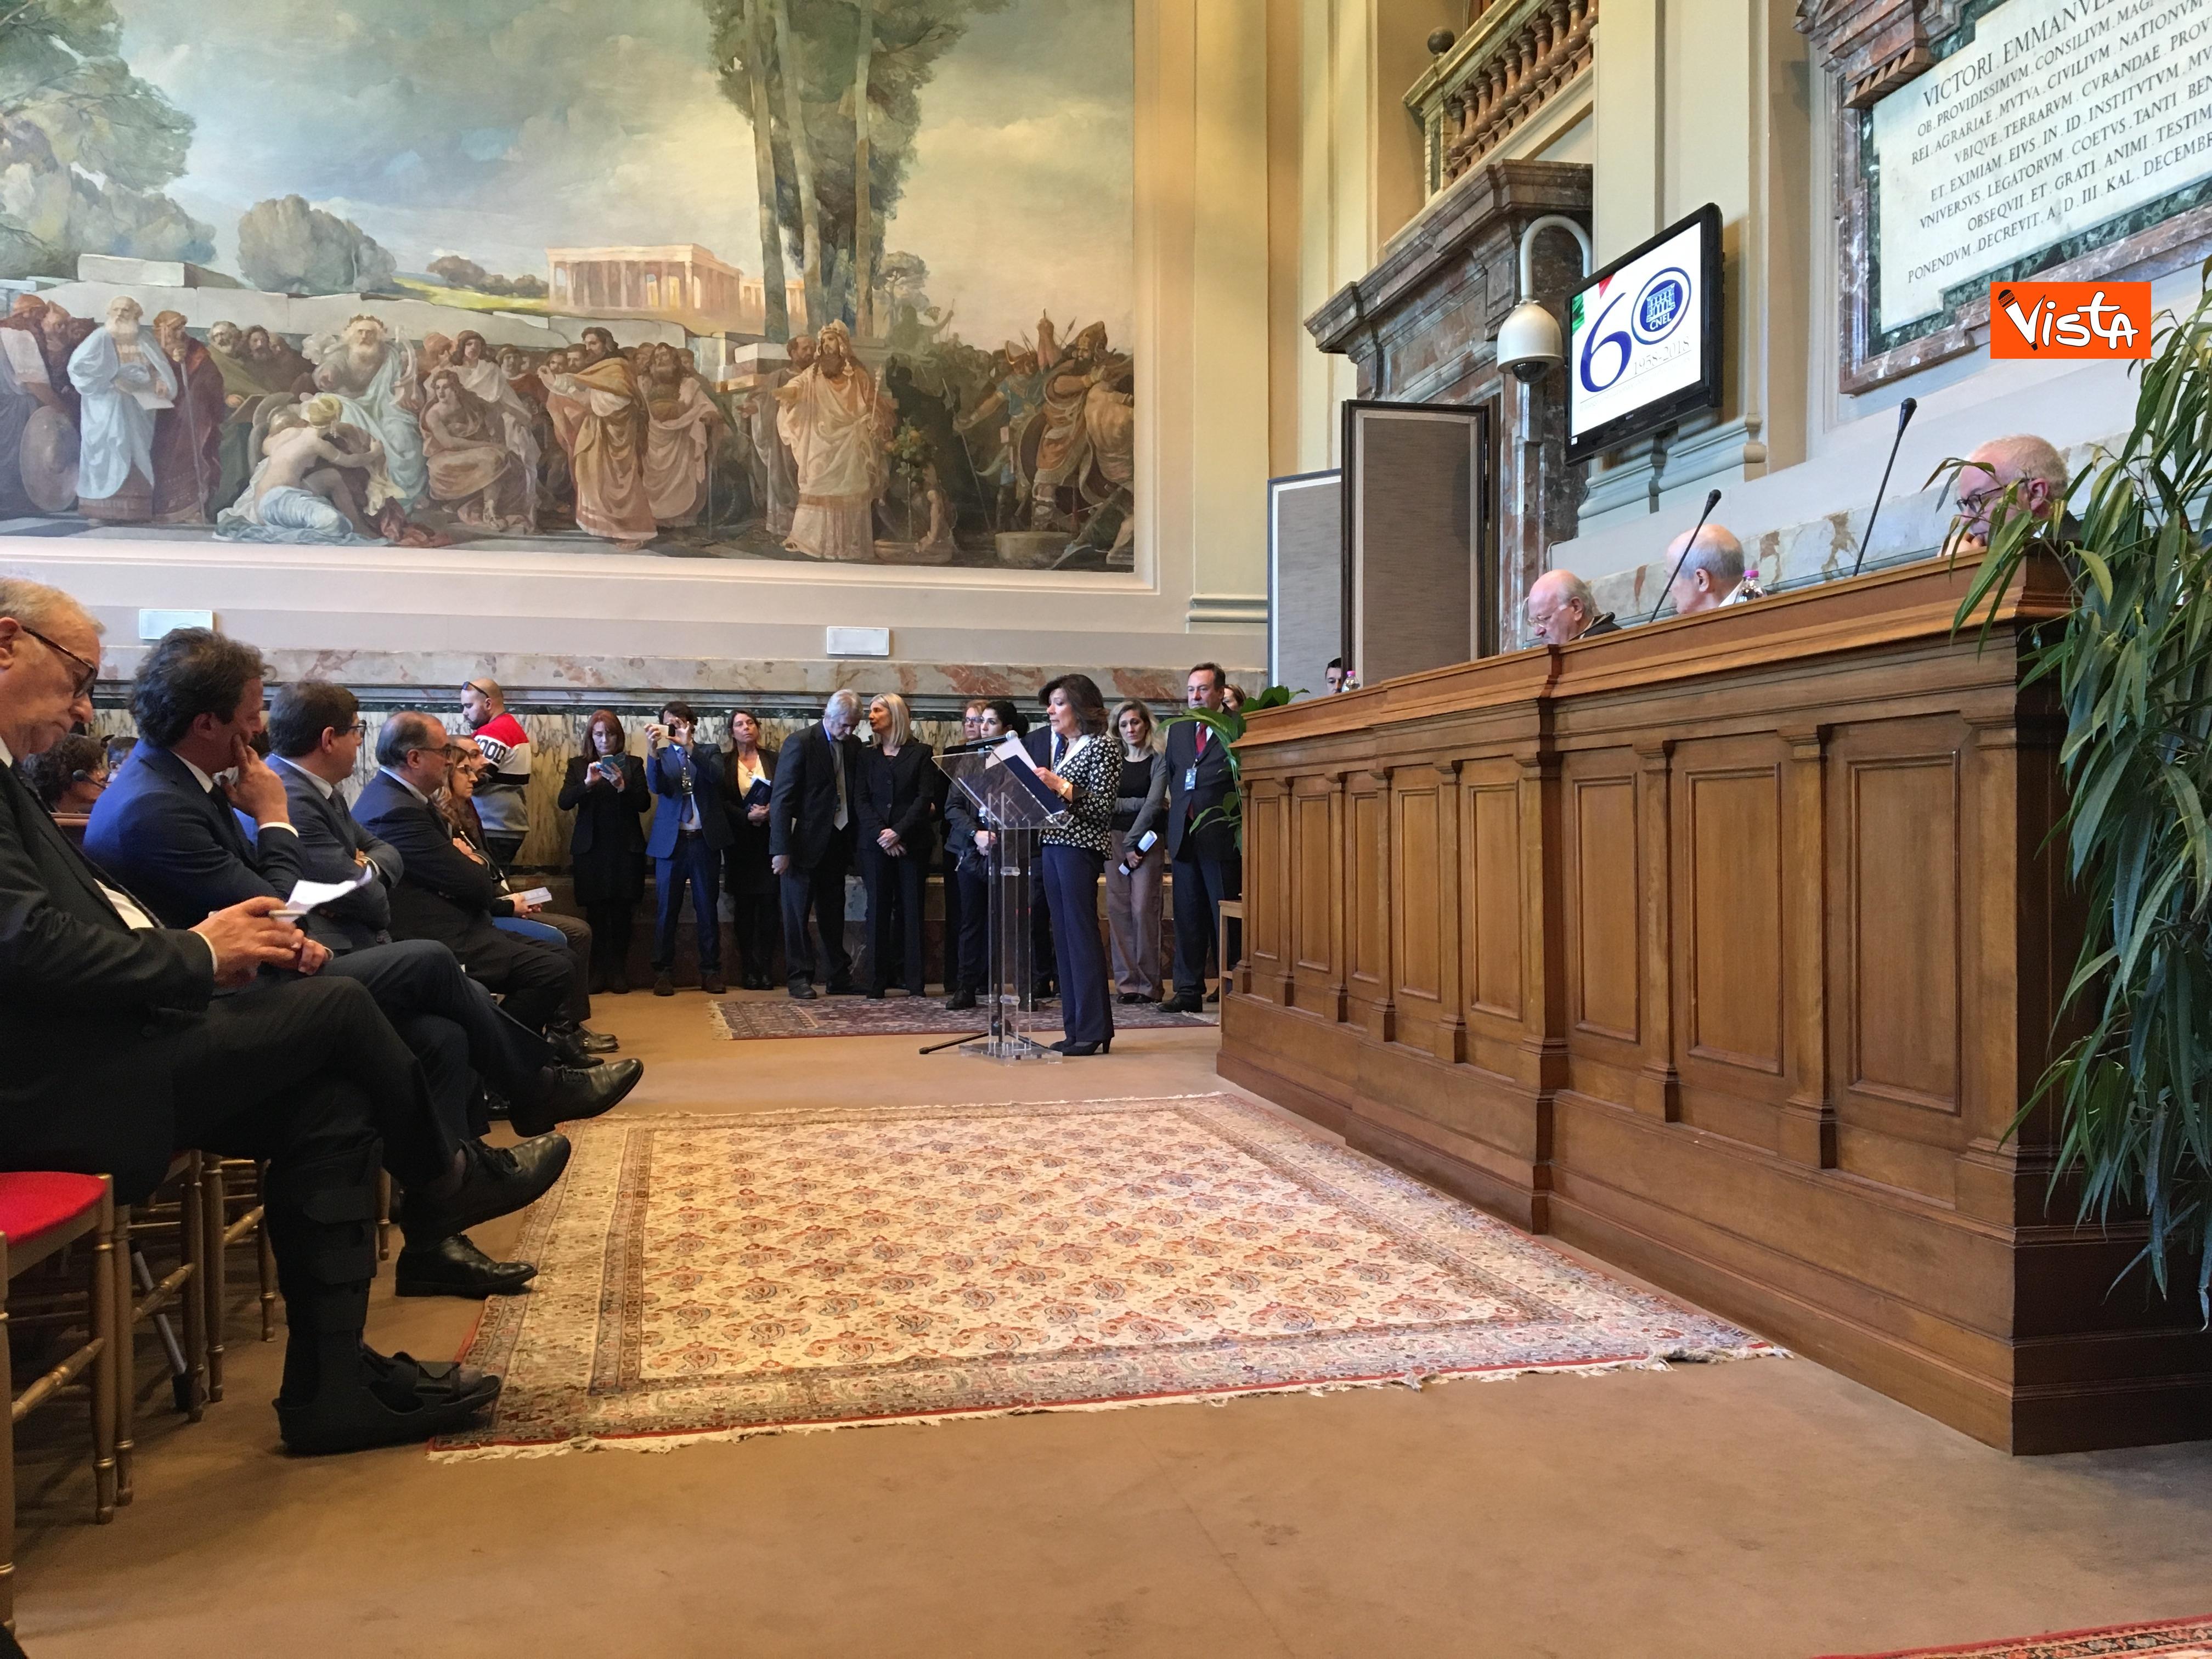 12-03-19 Cnel celebra 60 anni_la presidente del Senato Casellati_05